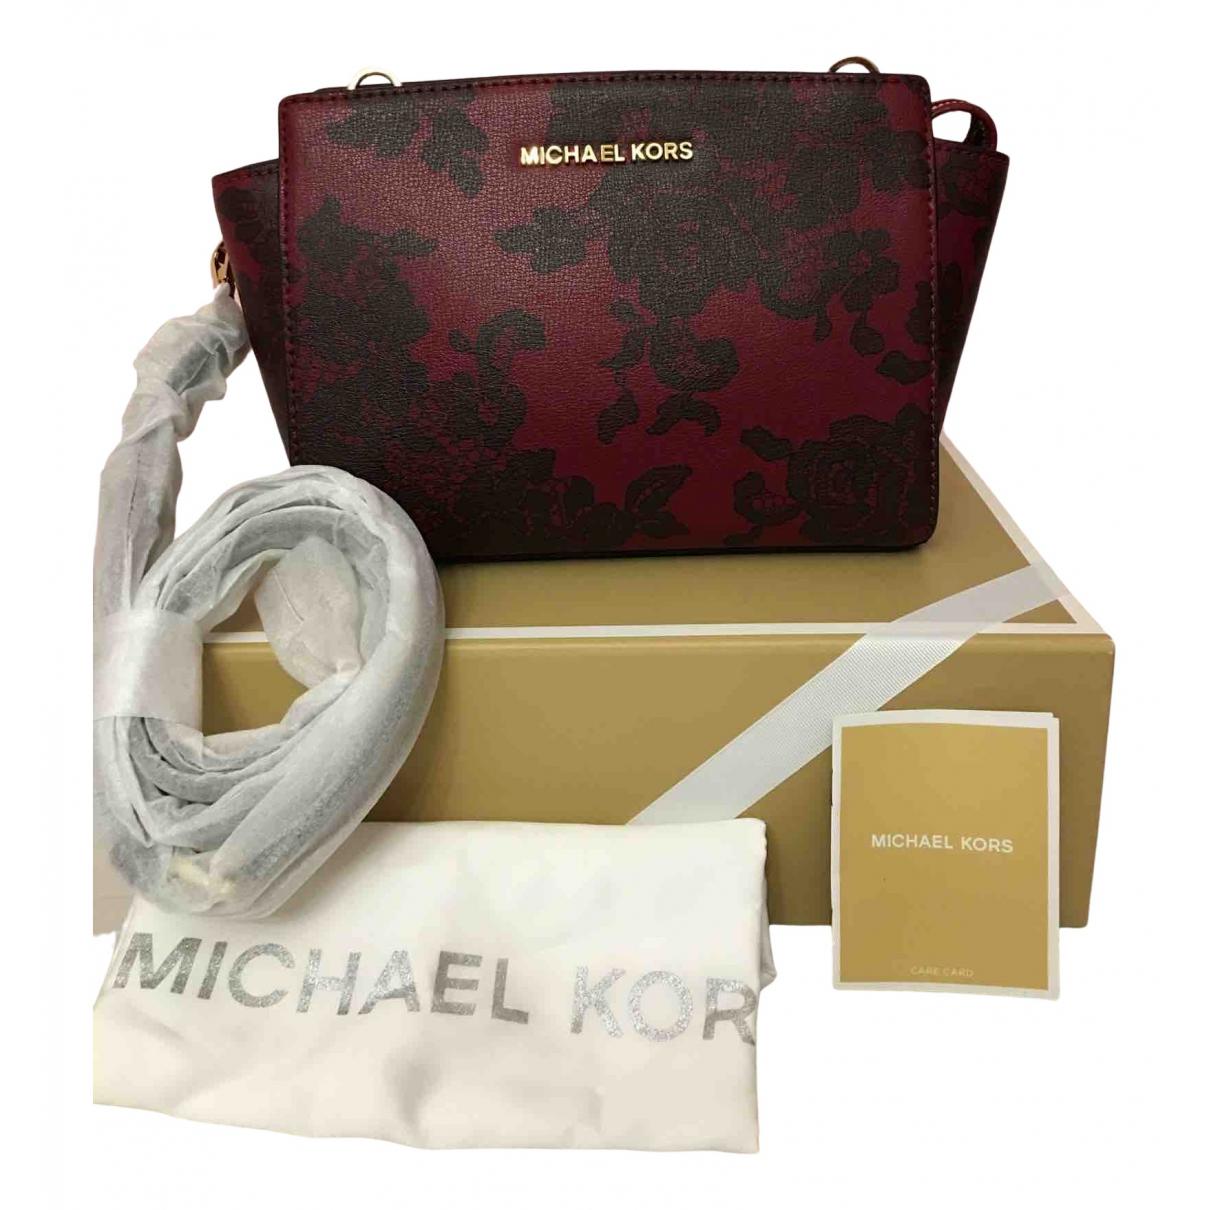 Michael Kors - Sac a main   pour femme en cuir - bordeaux